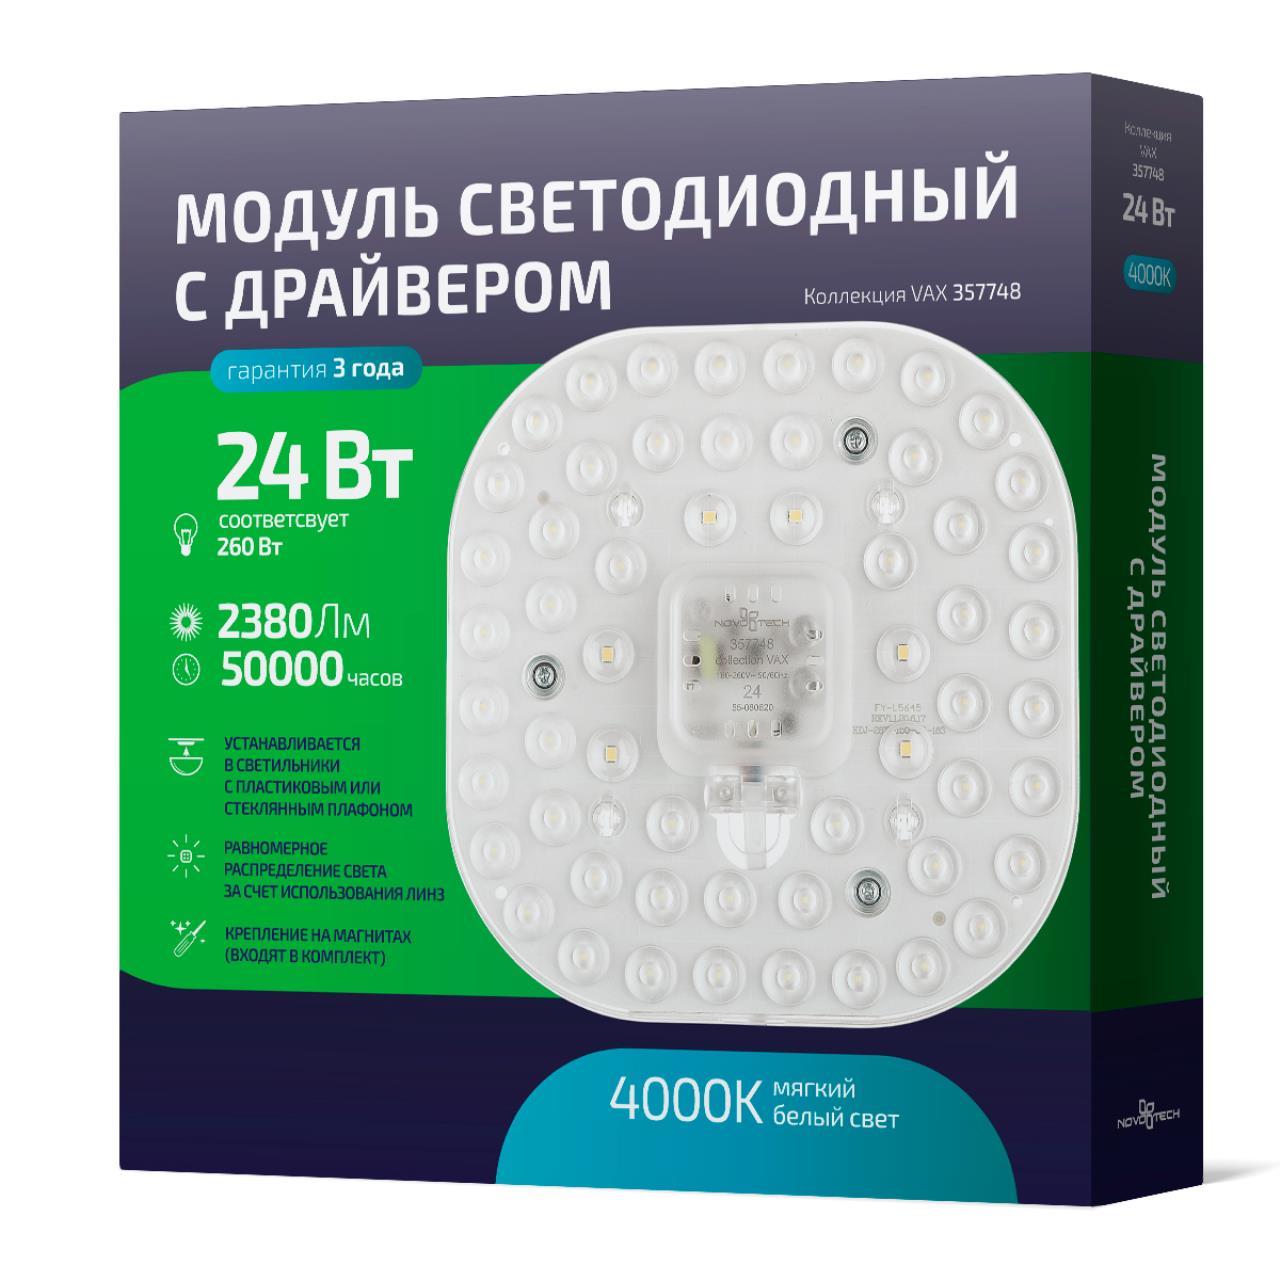 Светодиодный модуль Novotech 357748 Vax